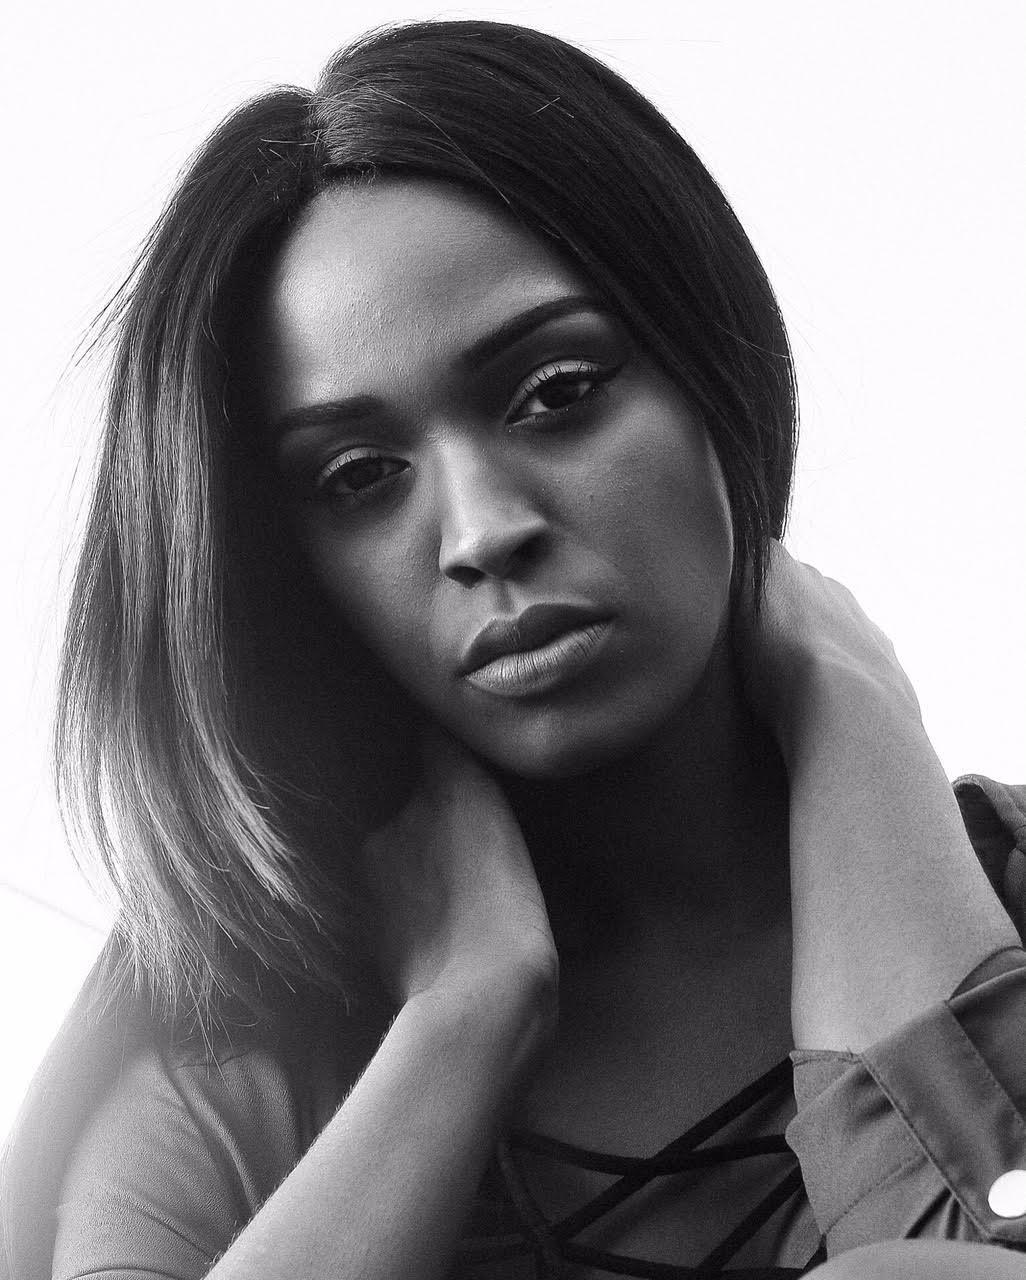 Model: LeAndrea Brown.